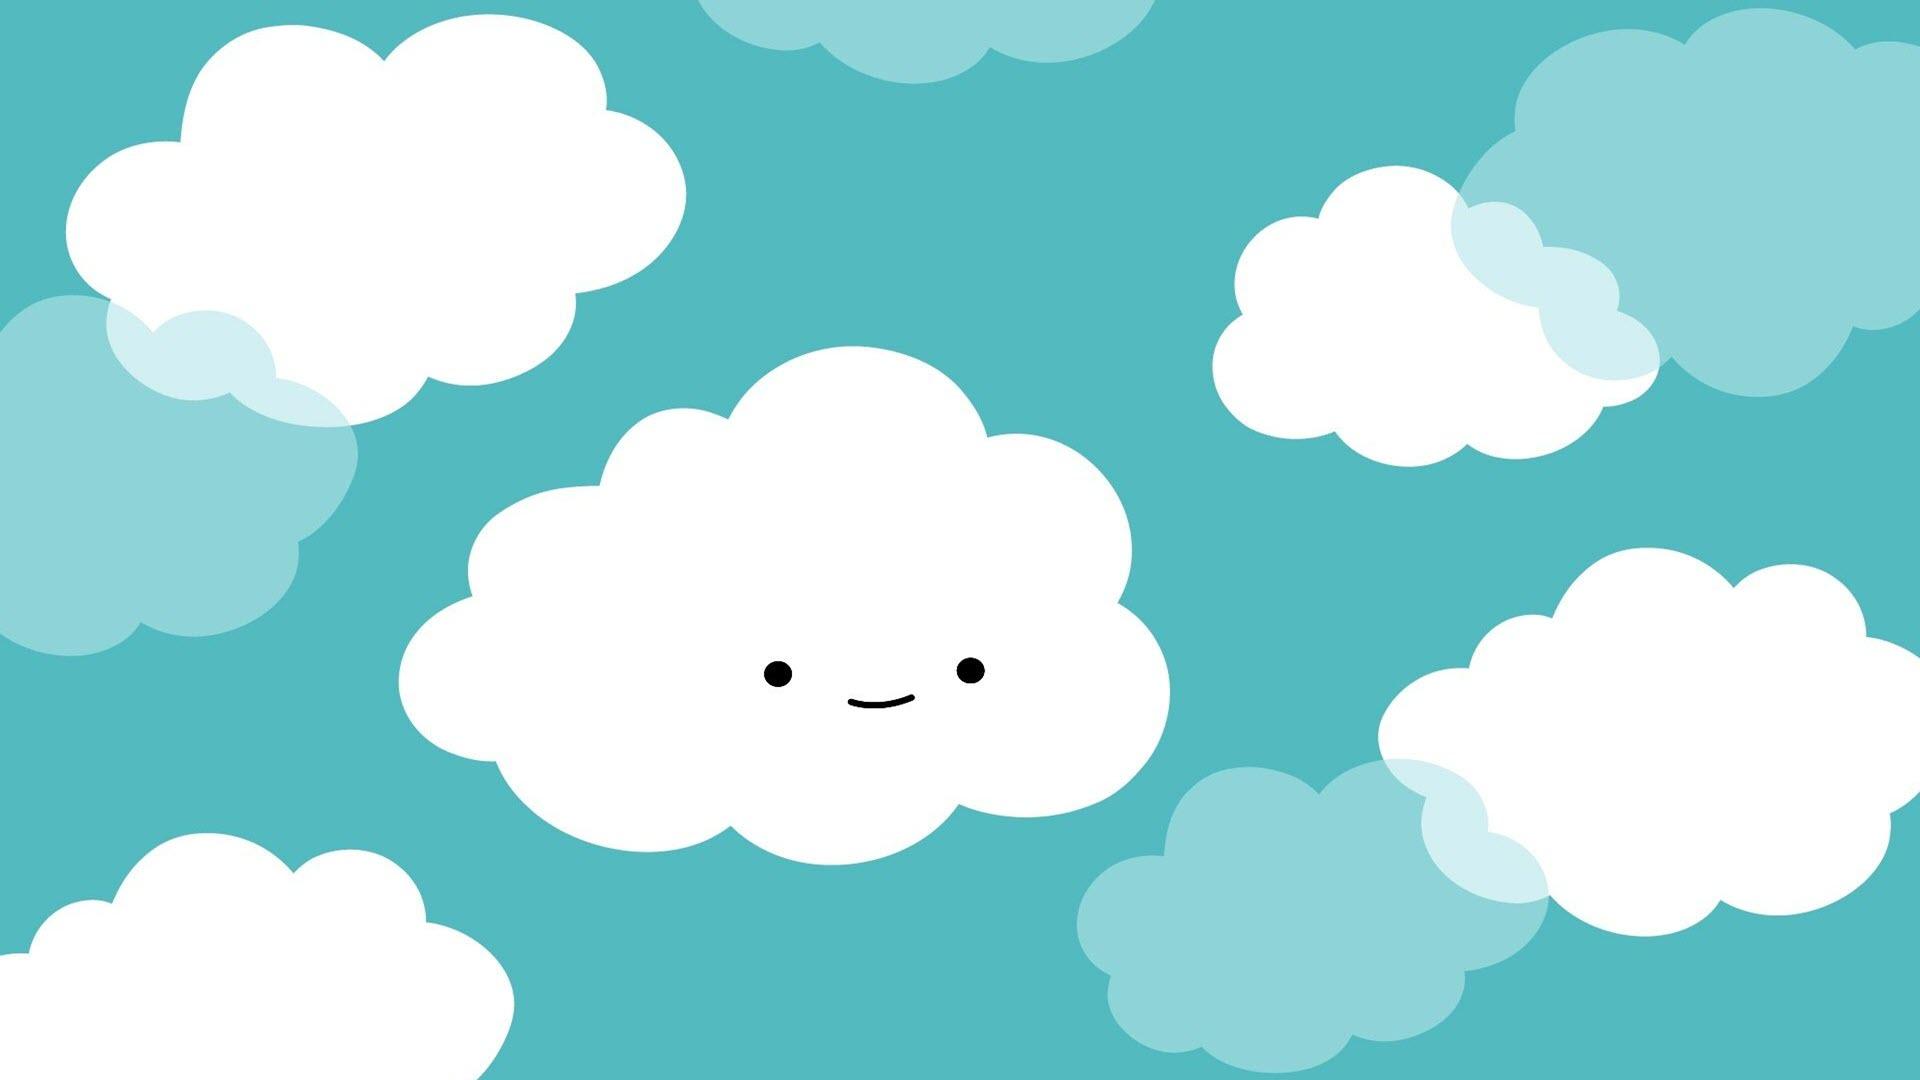 Hình nền mây dễ thương cho máy tính